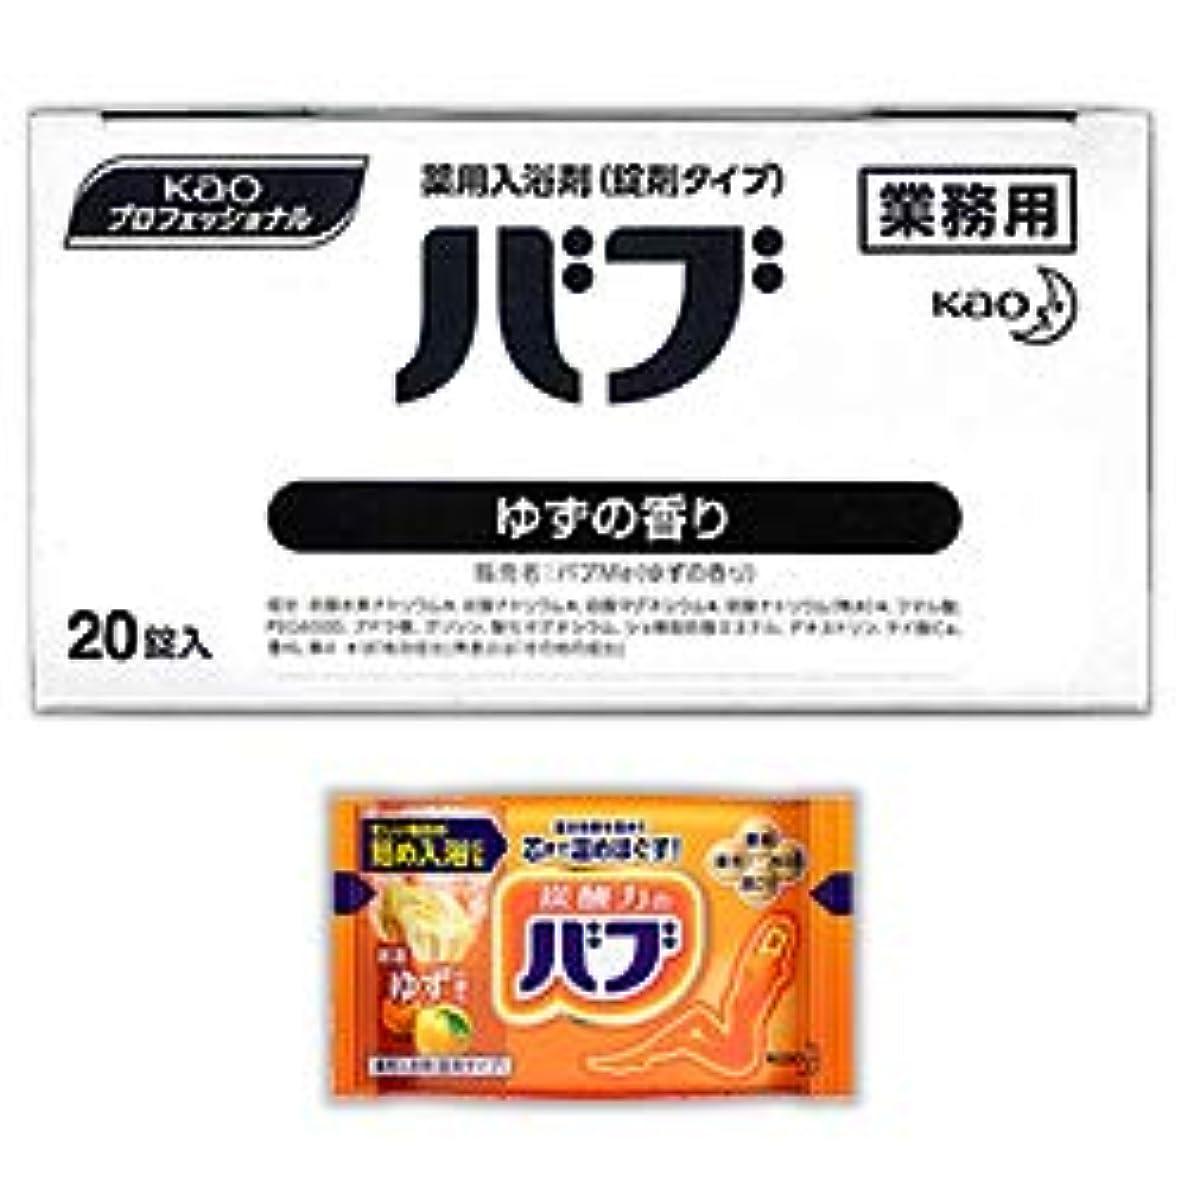 リスヘビー大学院【花王】Kaoプロフェッショナル バブ ゆずの香り(業務用) 40g×20錠入 ×3個セット